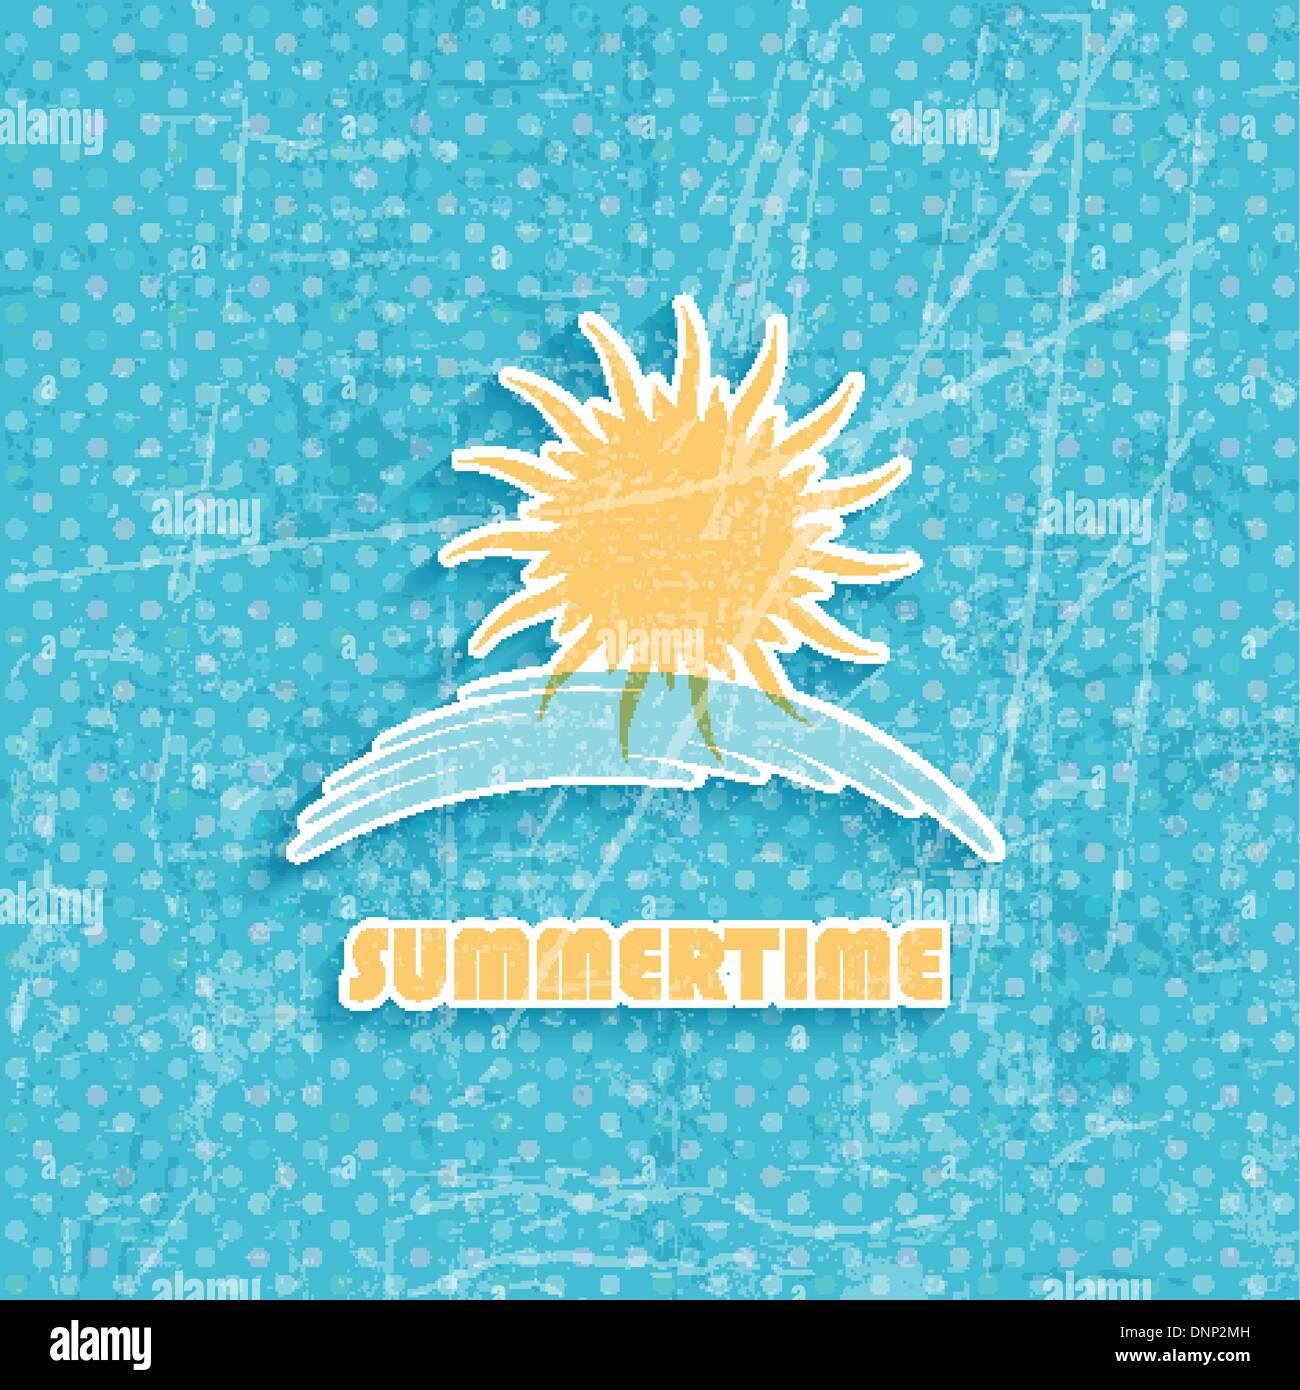 Estilo Grunge antecedentes de verano con icono de sun Imagen De Stock